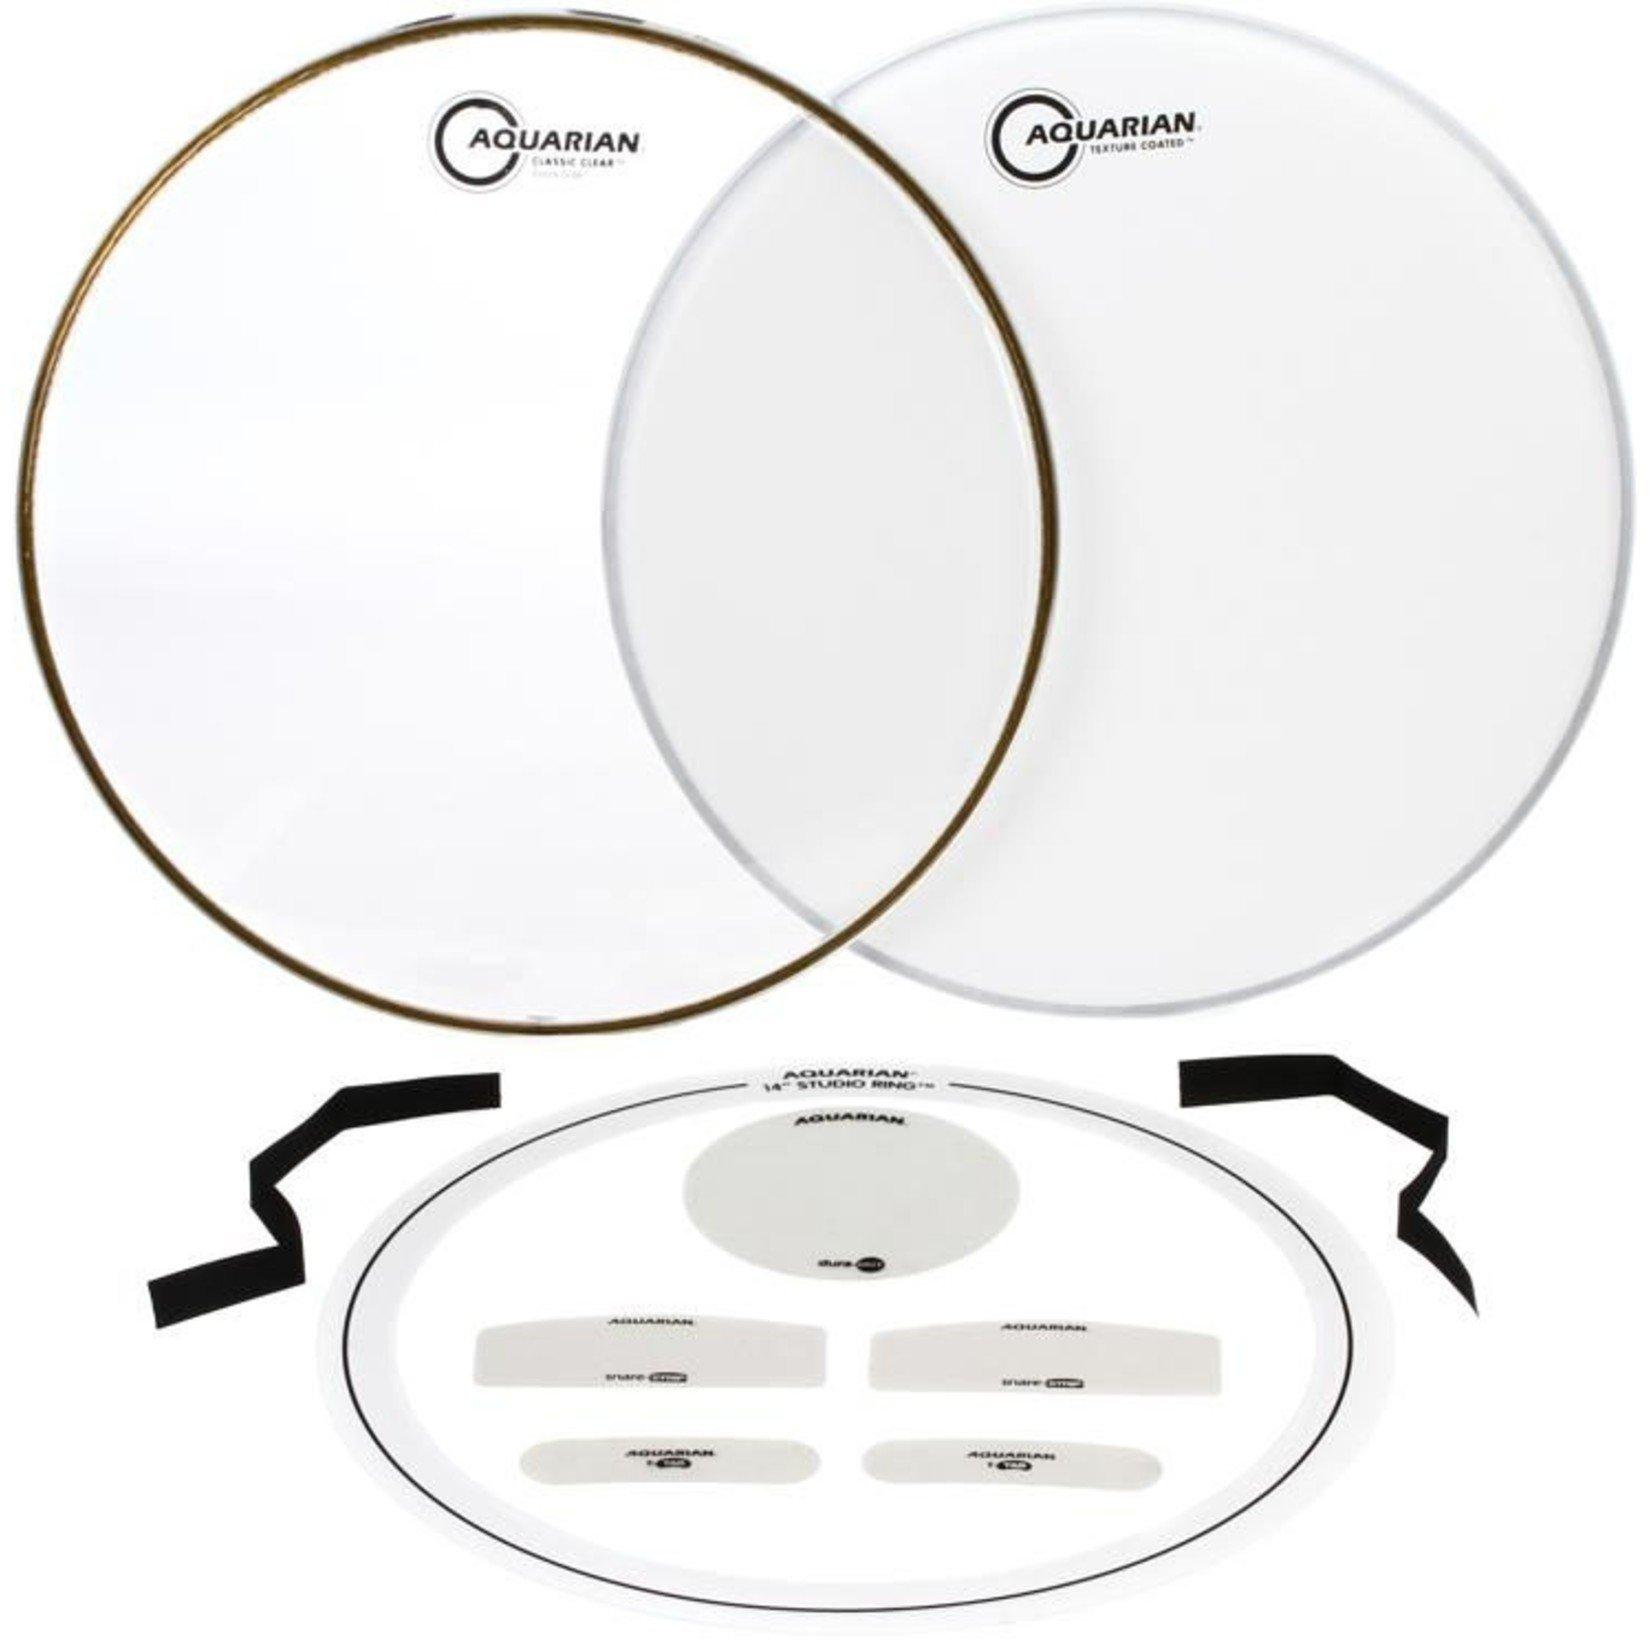 Aquarian Aquarian Ultimate Snare Drum Tune Up Kit